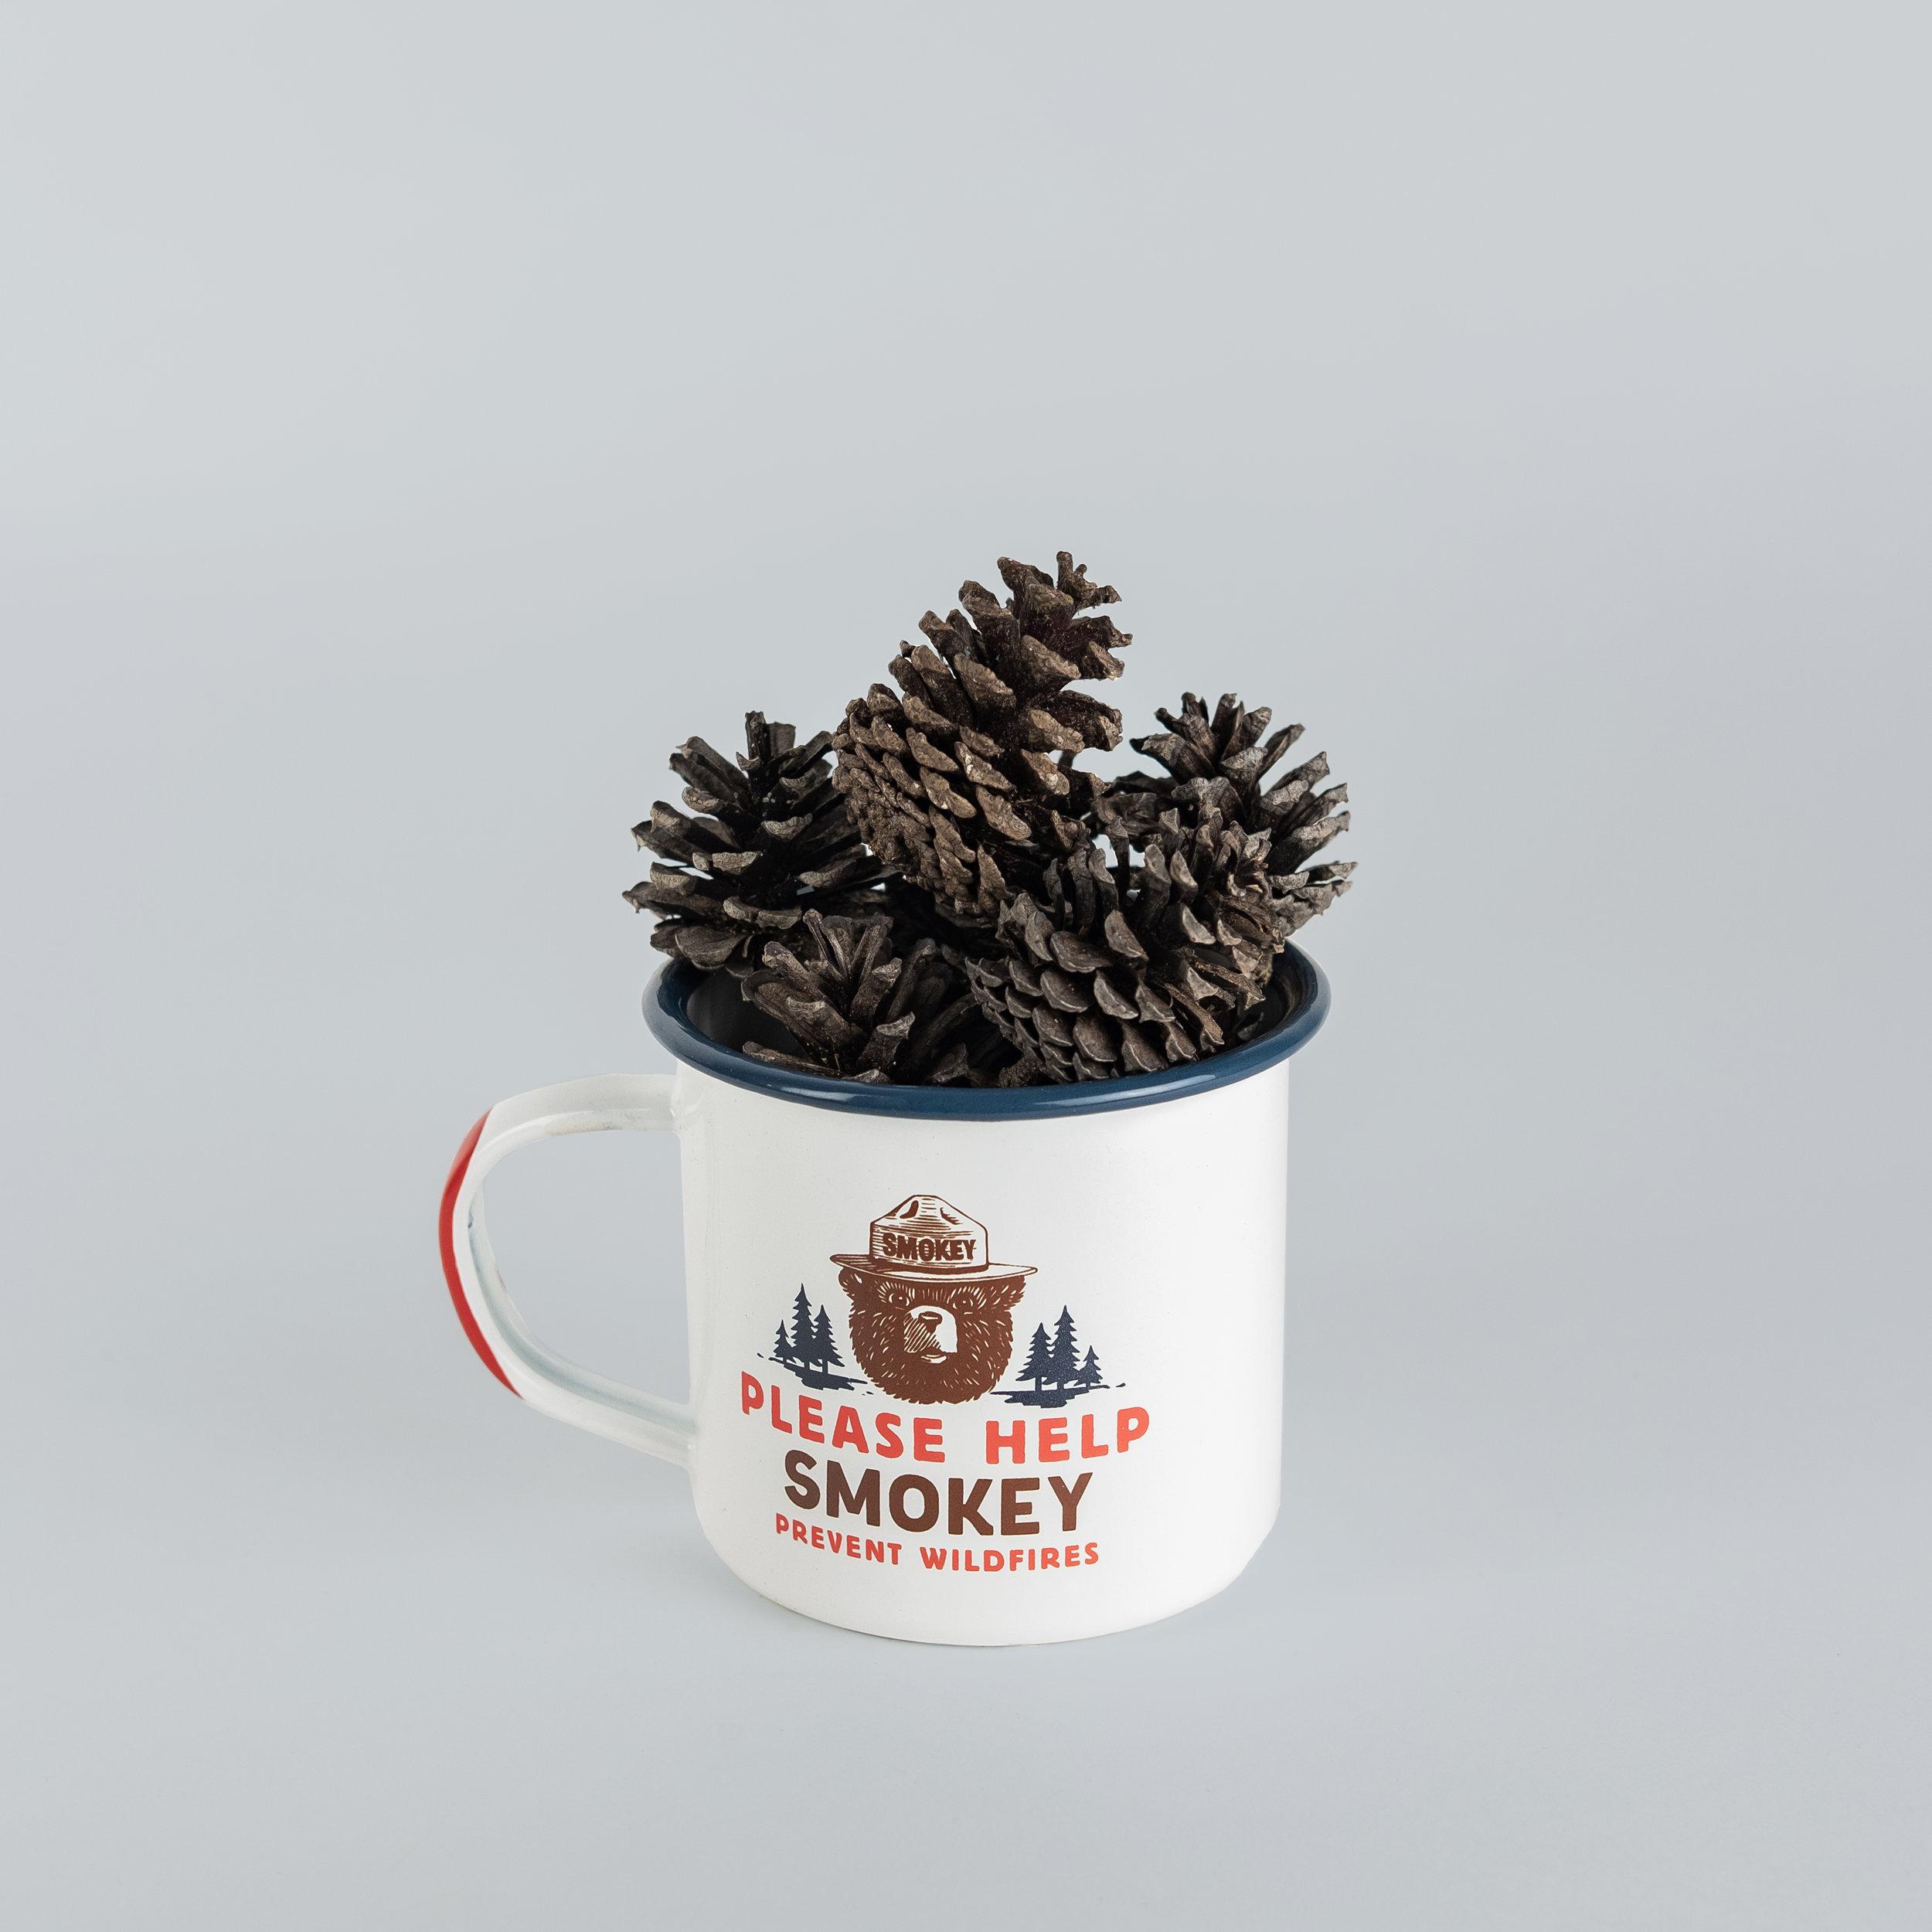 pinecone-smokey-mug.jpg